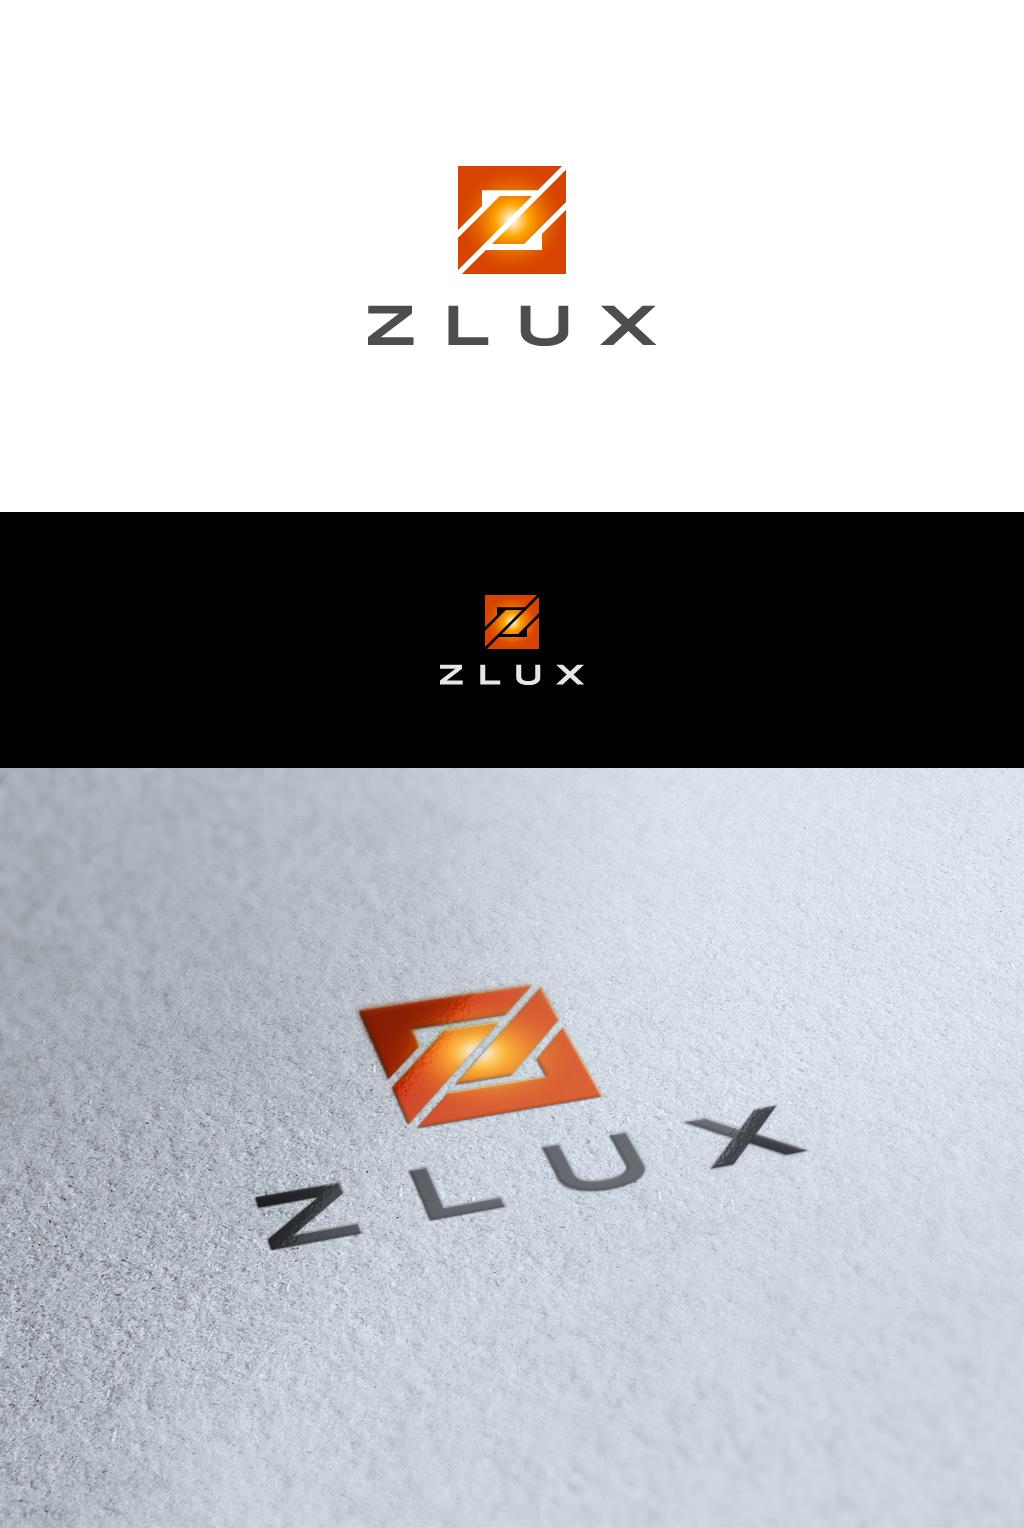 logo for Zlux